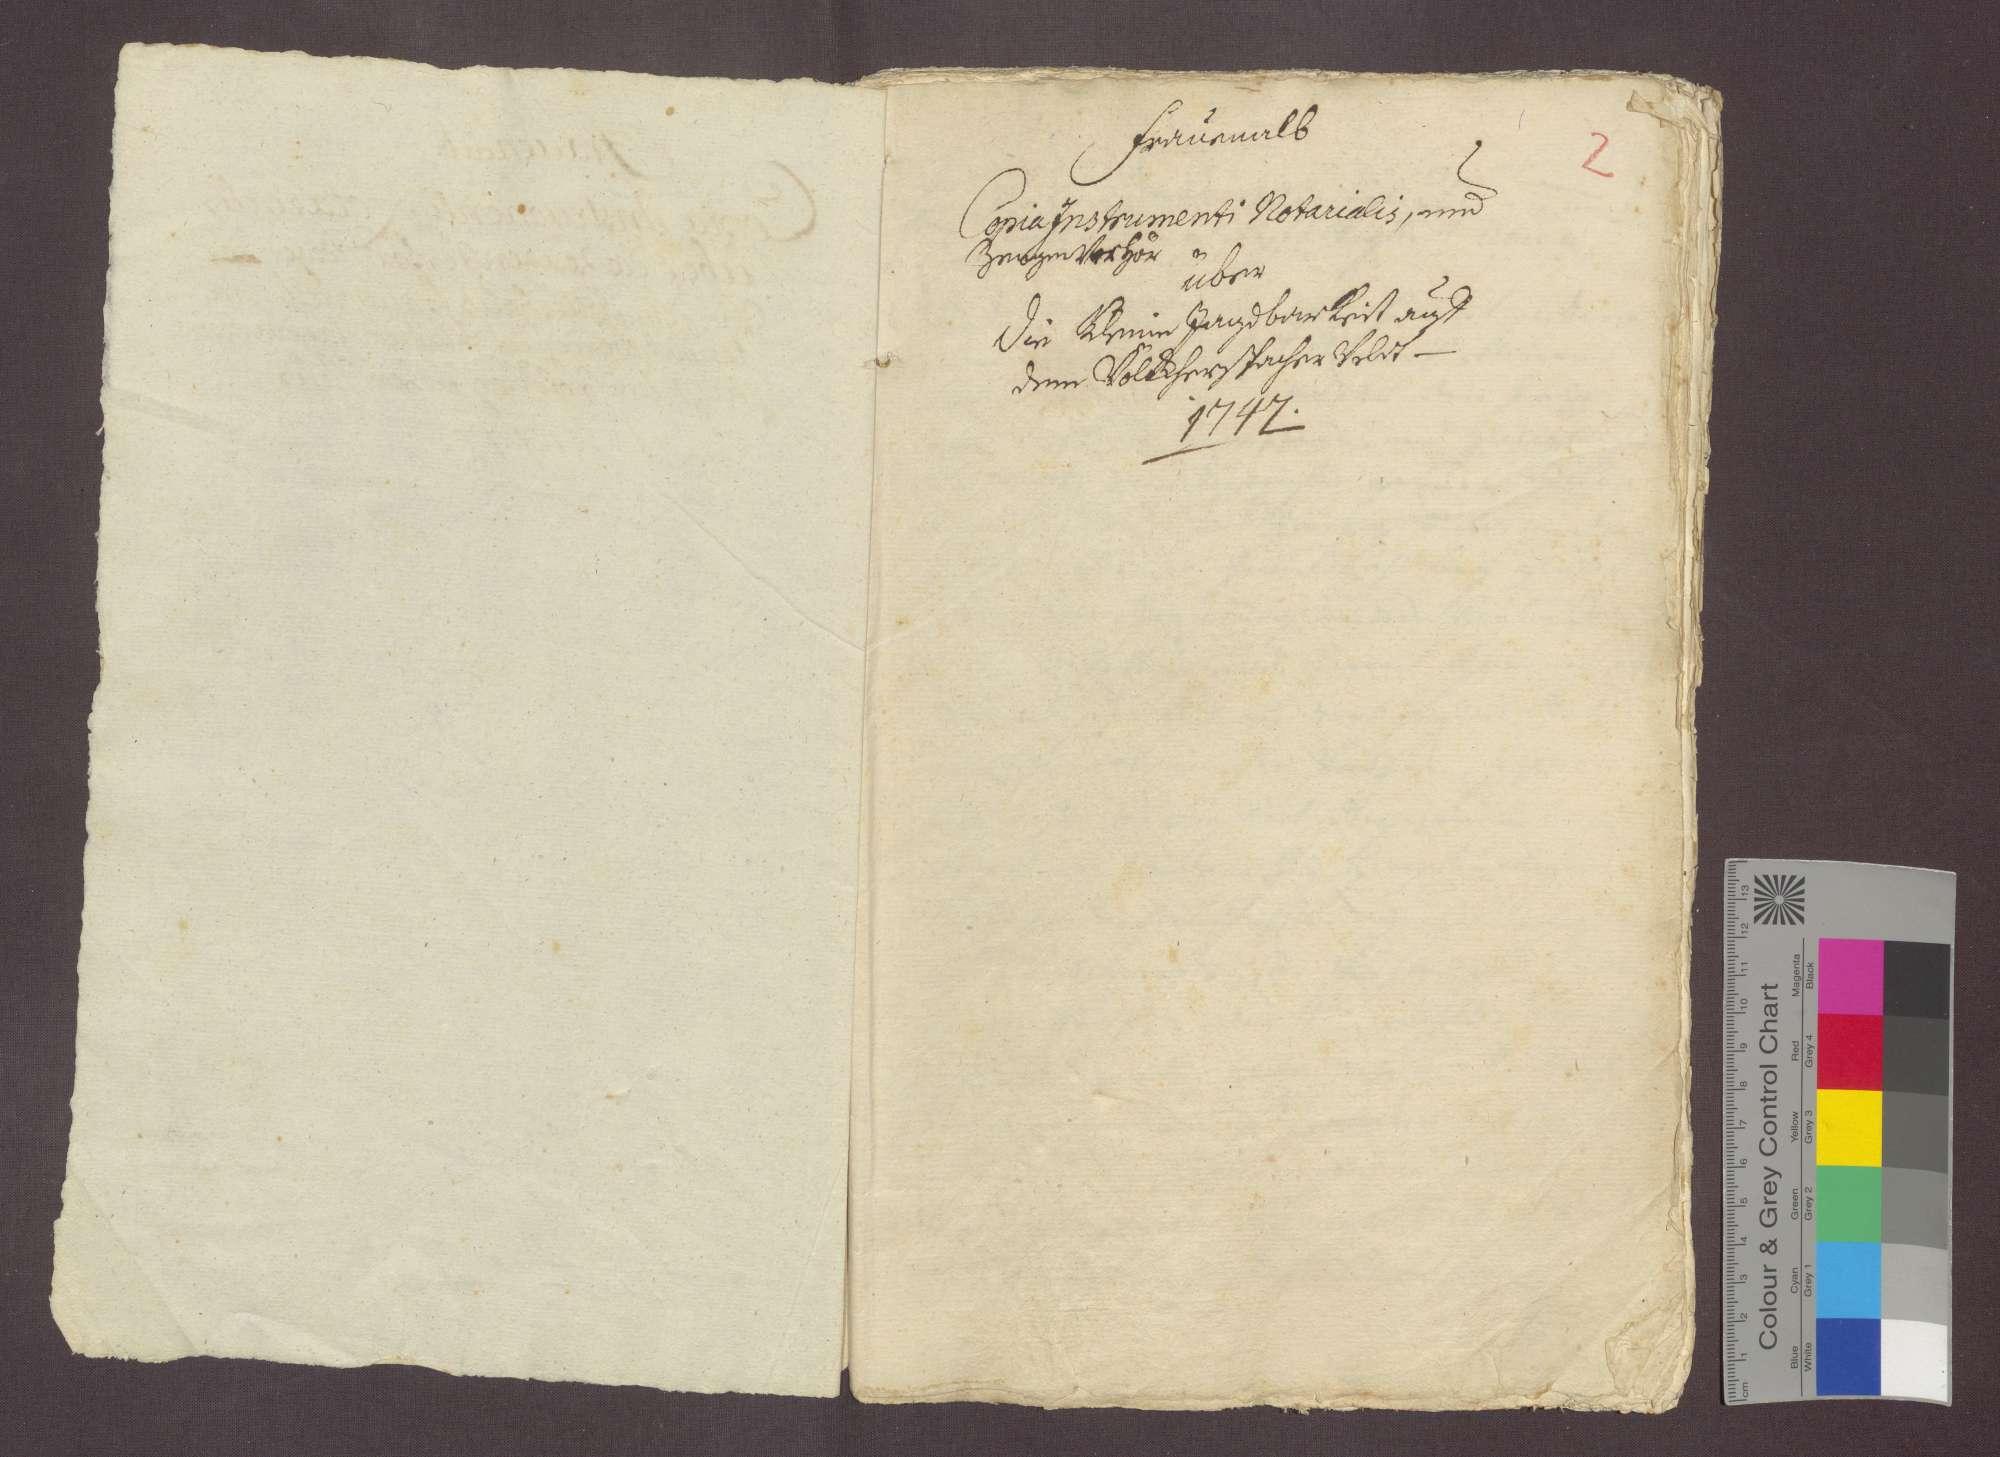 Der Notar Johann Maier beurkundet ein Zeugenverhör betreffend die vom Kloster Frauenalb beanspruchte kleine Jagd zu Völkersbach., Bild 2